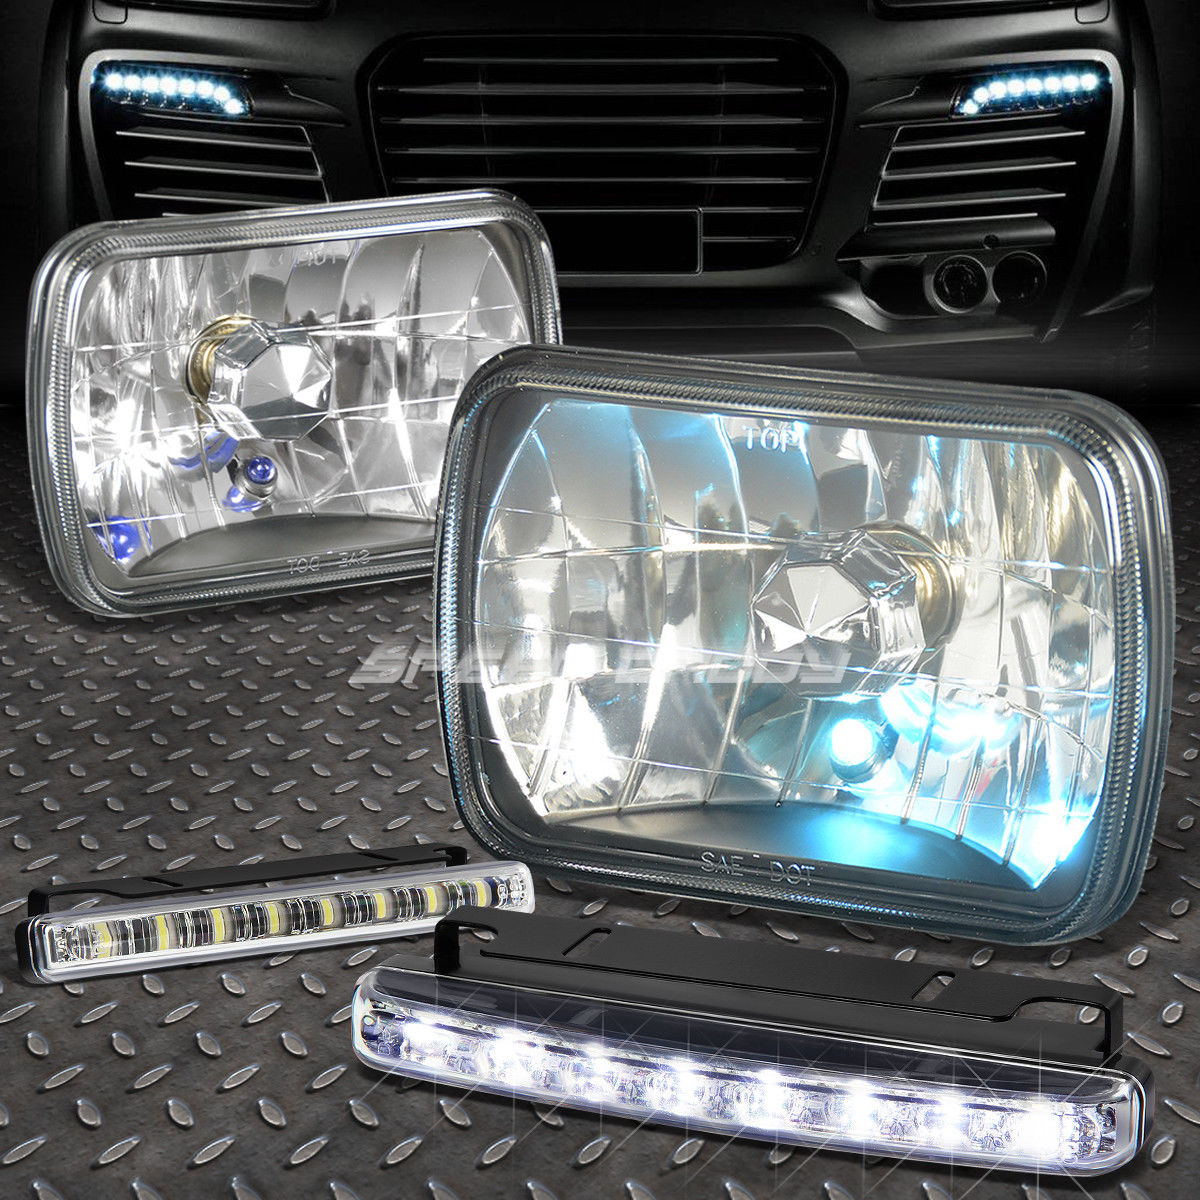 フォグライト 7x6 SQUARE BLACK HEADLIGHT+BLUE DOT LAMPS FOR+8 LED GRILL FOG LIGHT FORD/CHEVY 7×6スクエアブラックヘッドライト+ブルードットランプ+ 8 LEDグリルフォグライトフォード/チェビー